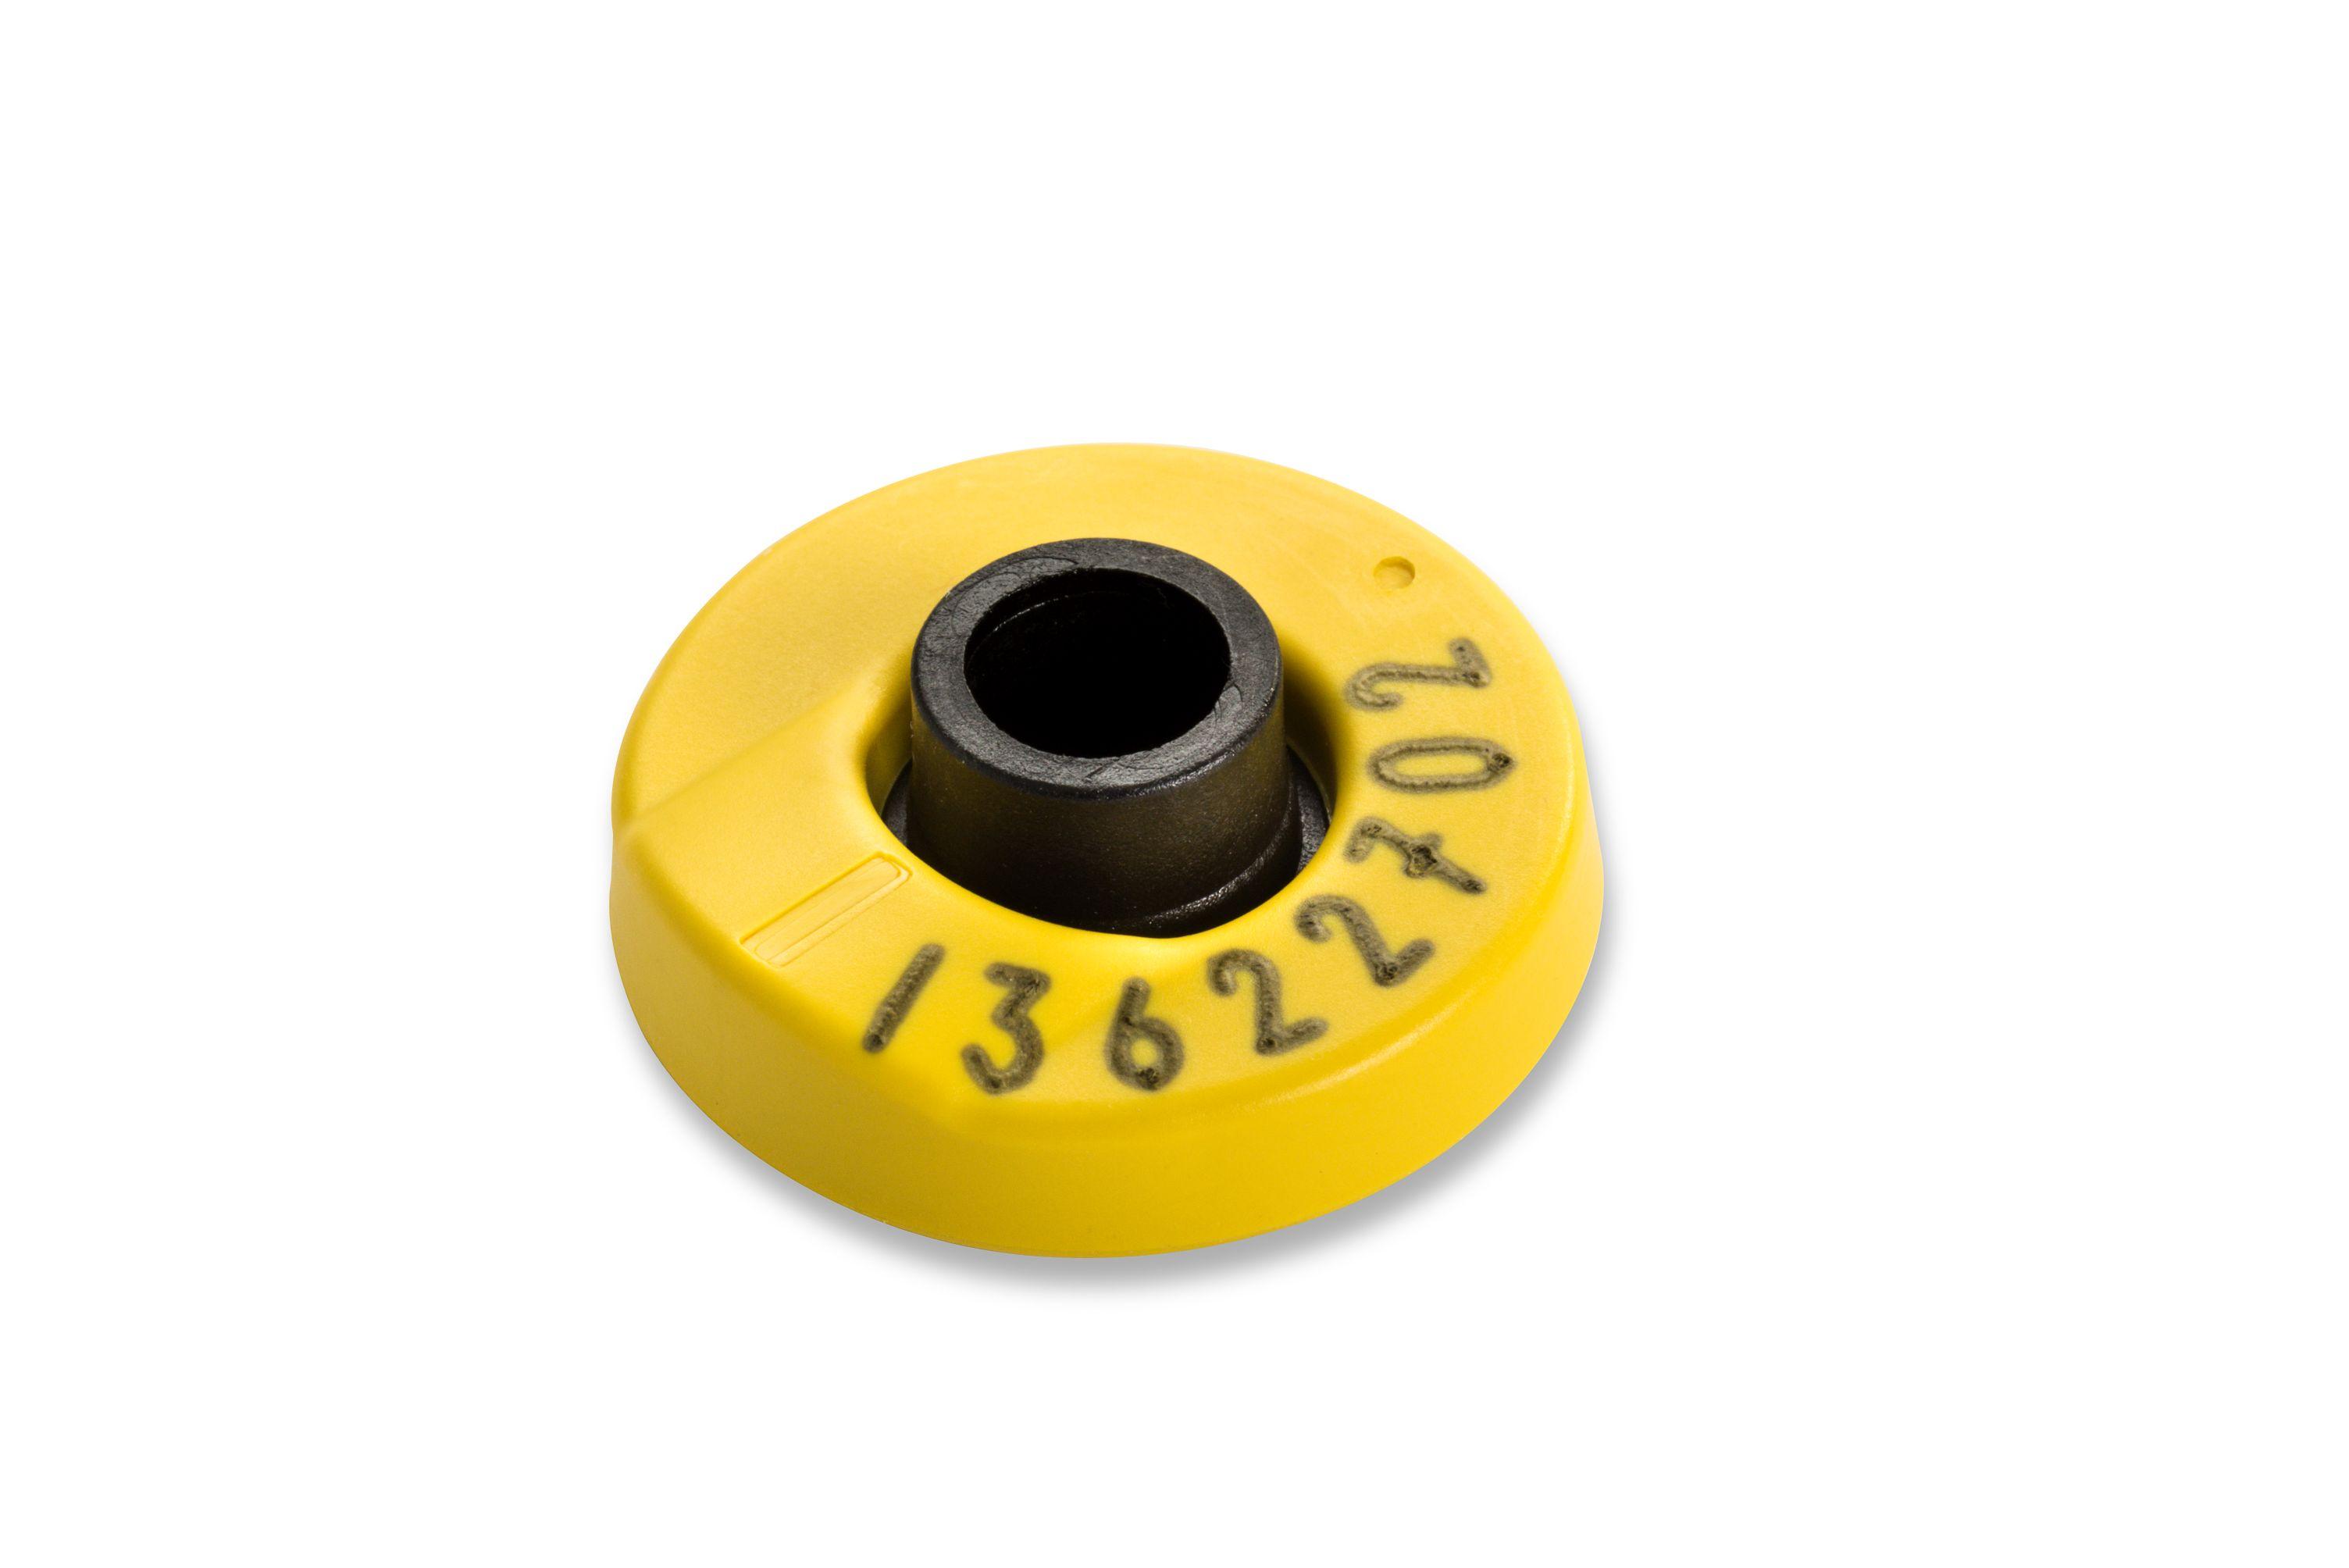 Allflex-Sendermarke Ø 3 cm, 8tlg. D 990